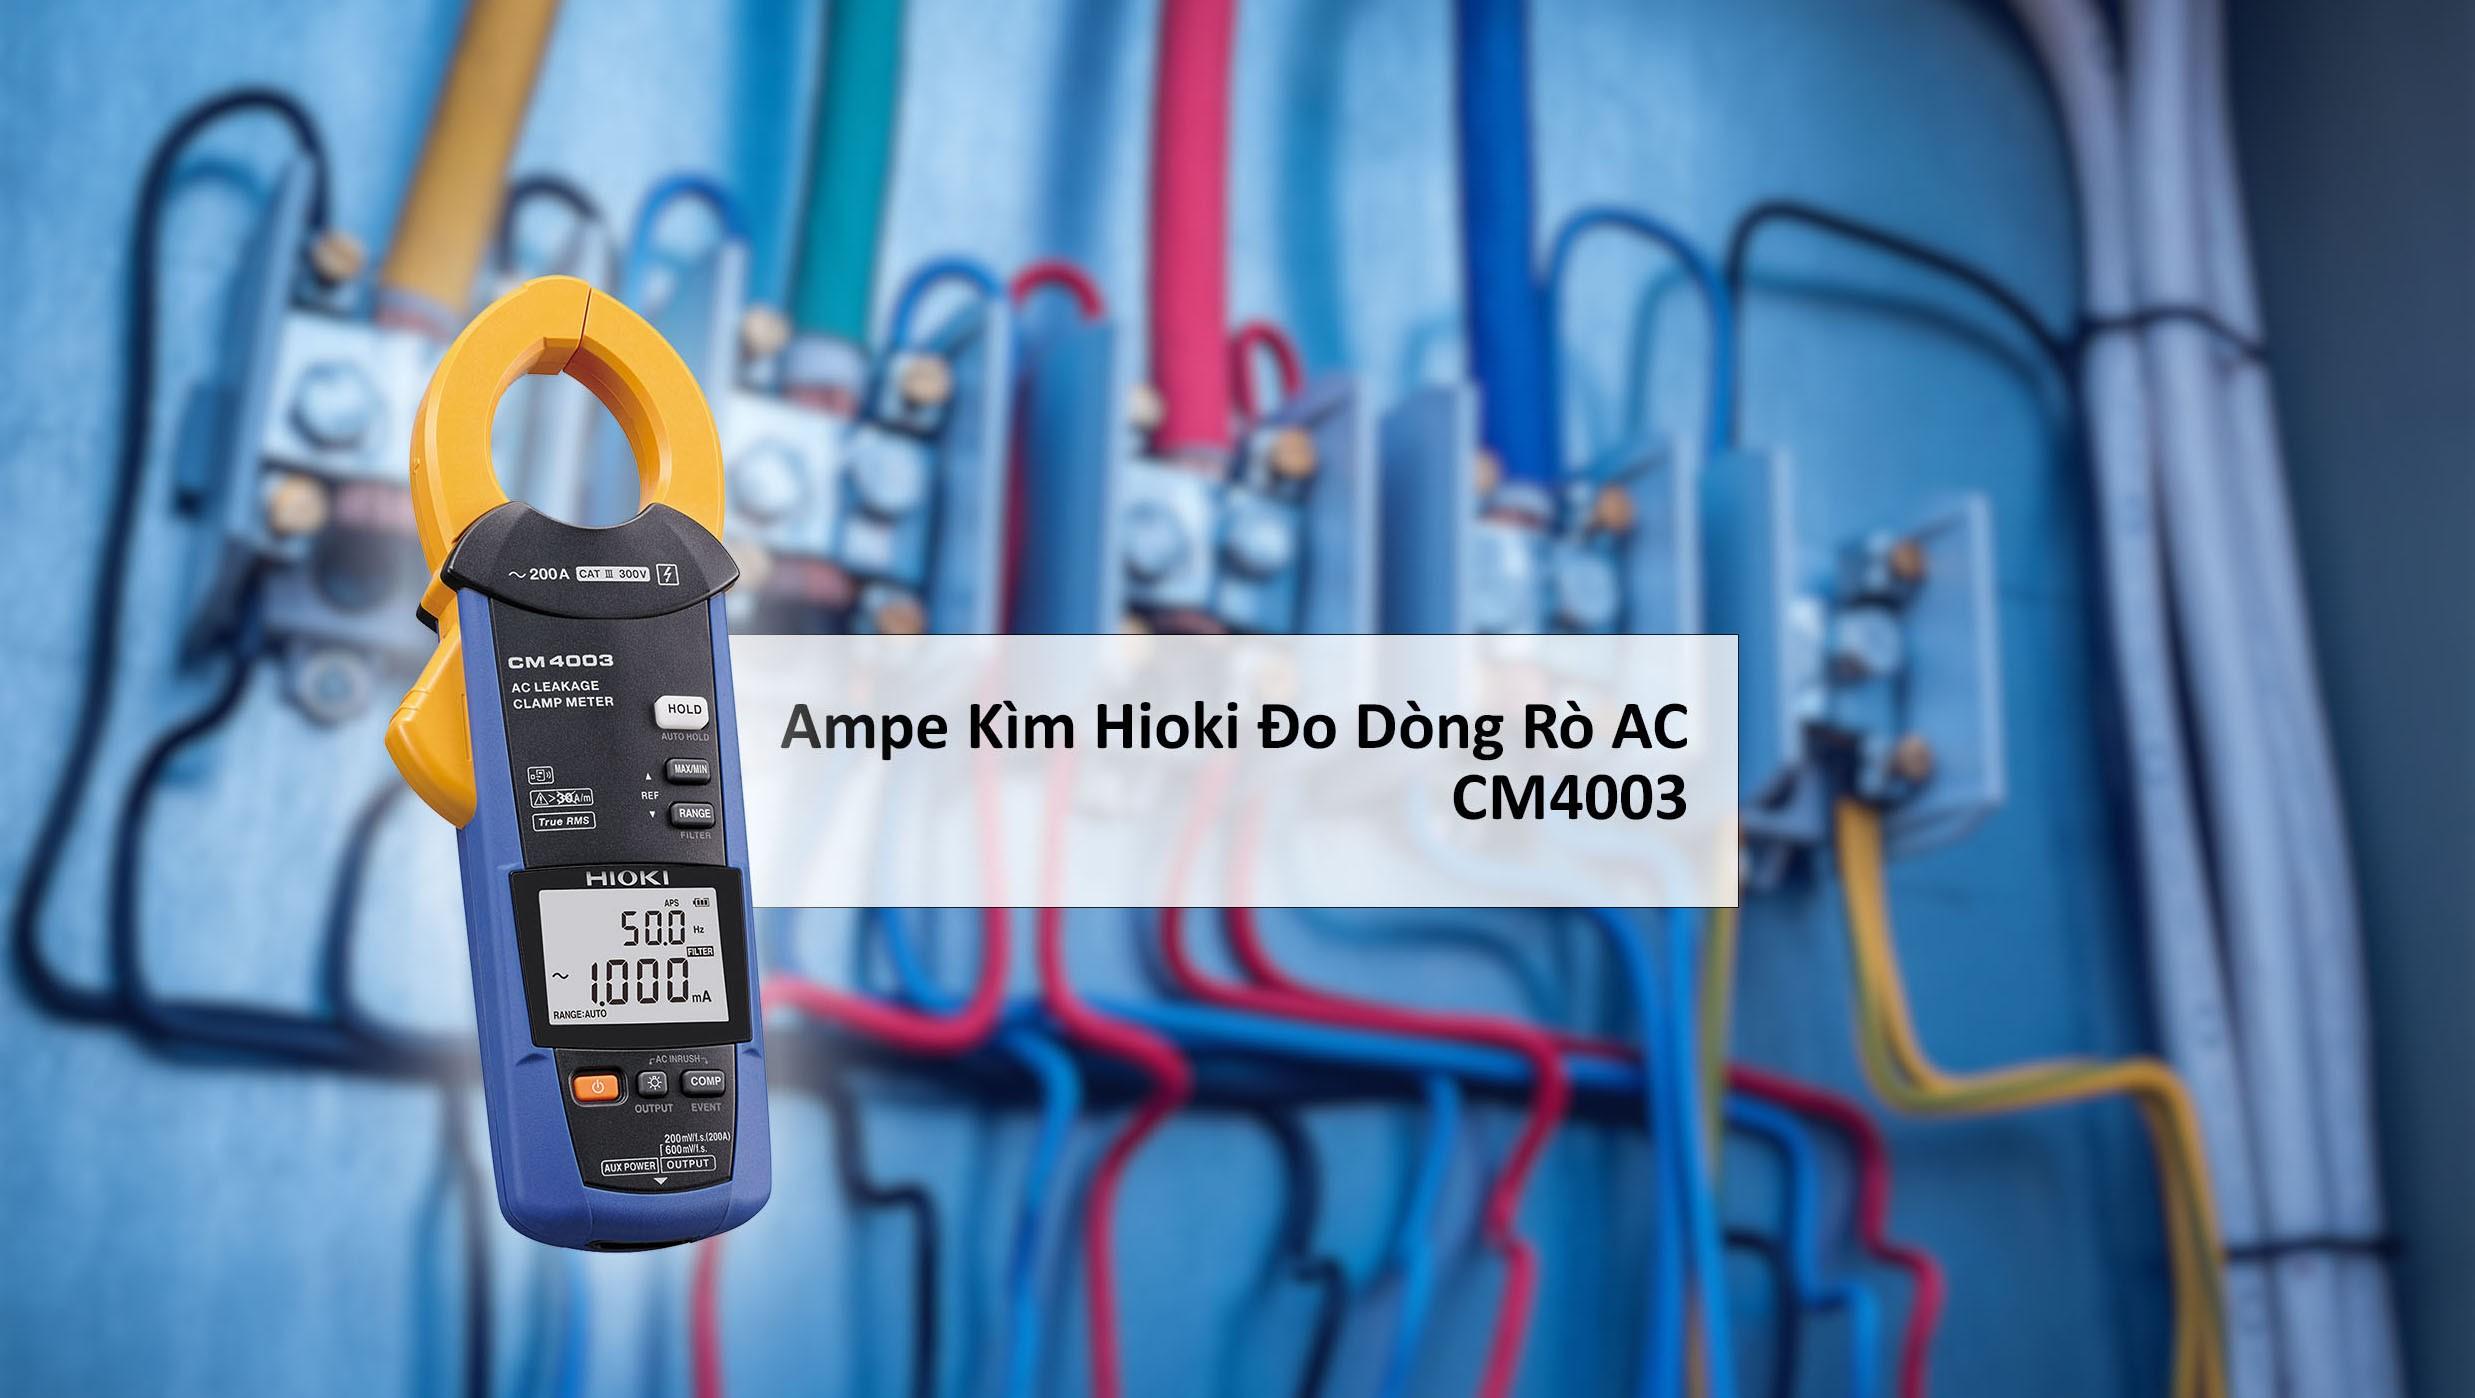 Ampe kìm là dụng cụ chuyên dùng để đo cường độ dòng điện